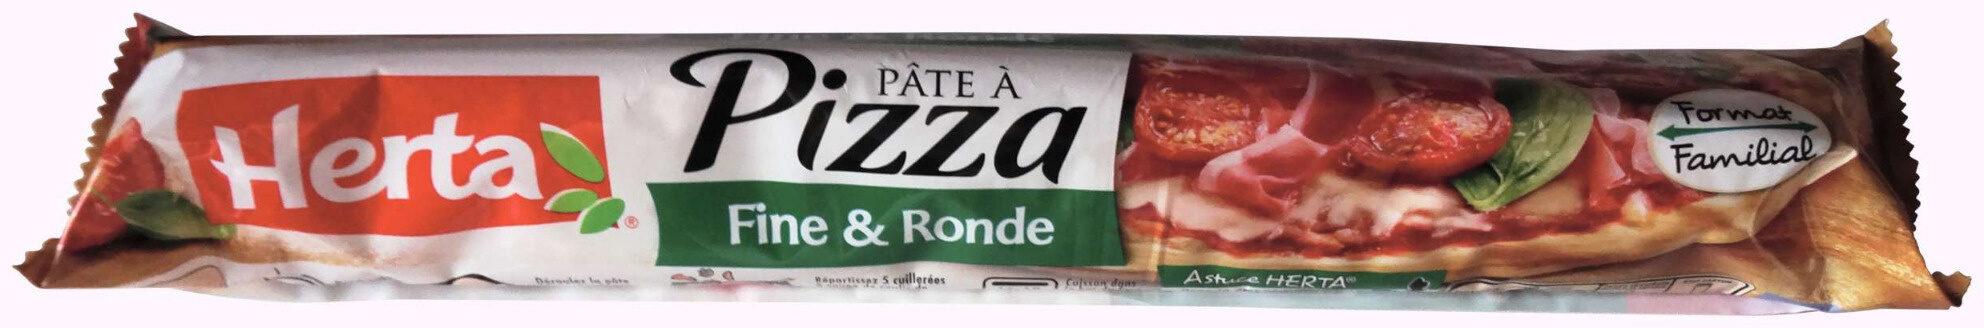 Pâte à pizza Fine & Ronde - Product - fr